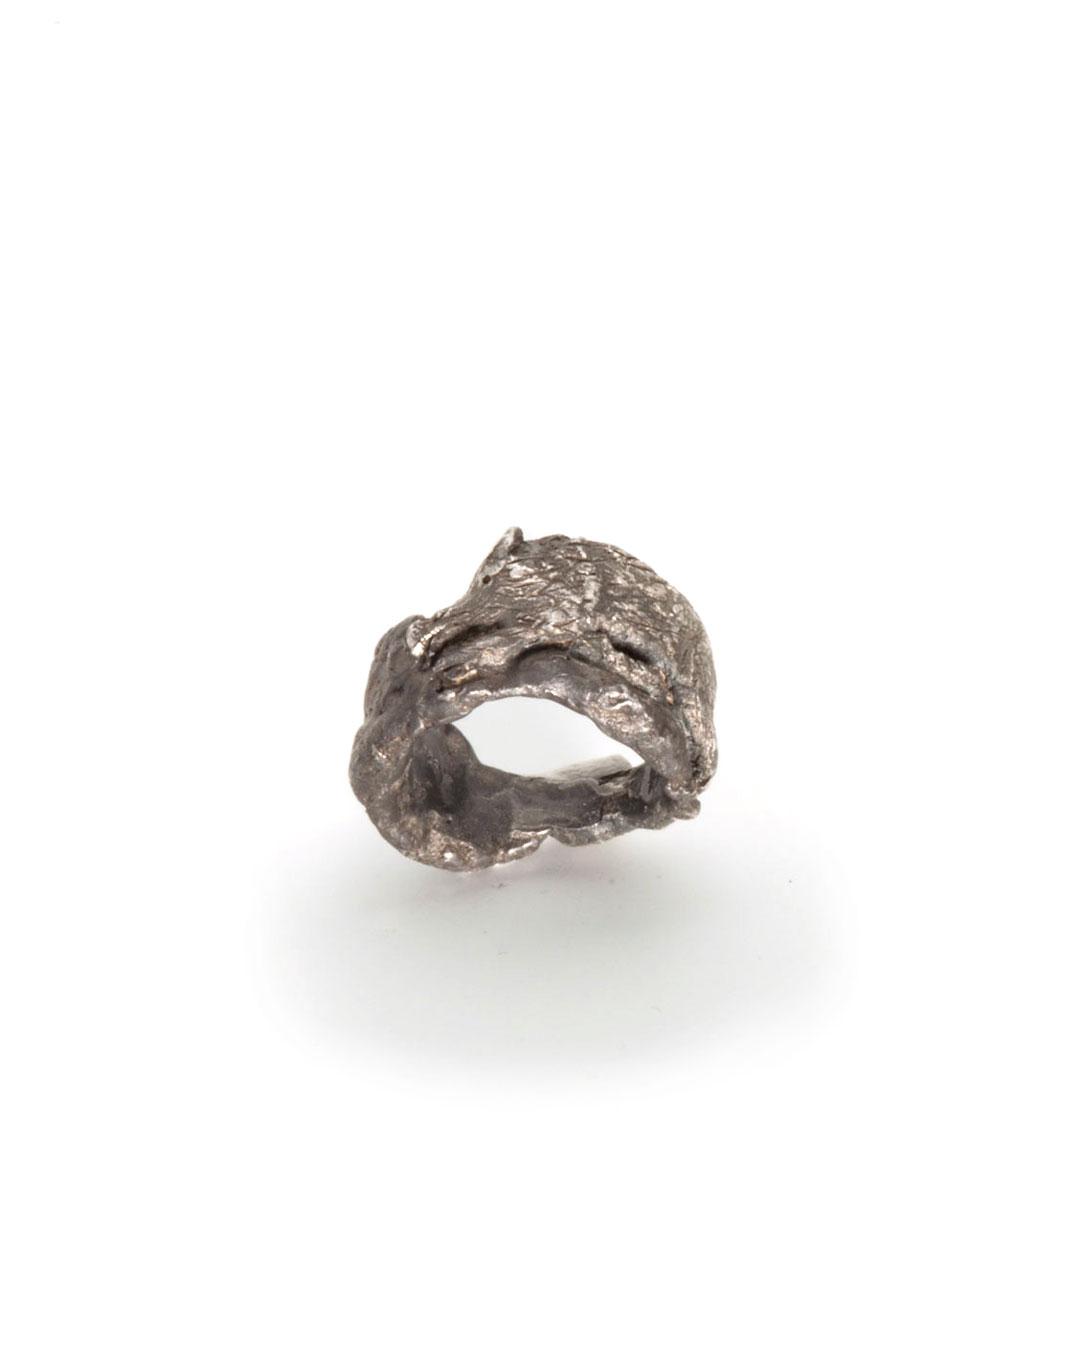 Juliane Brandes, Der Club, 2016, ring; zilver, ruthenium, 35 x 35 mm, €1090